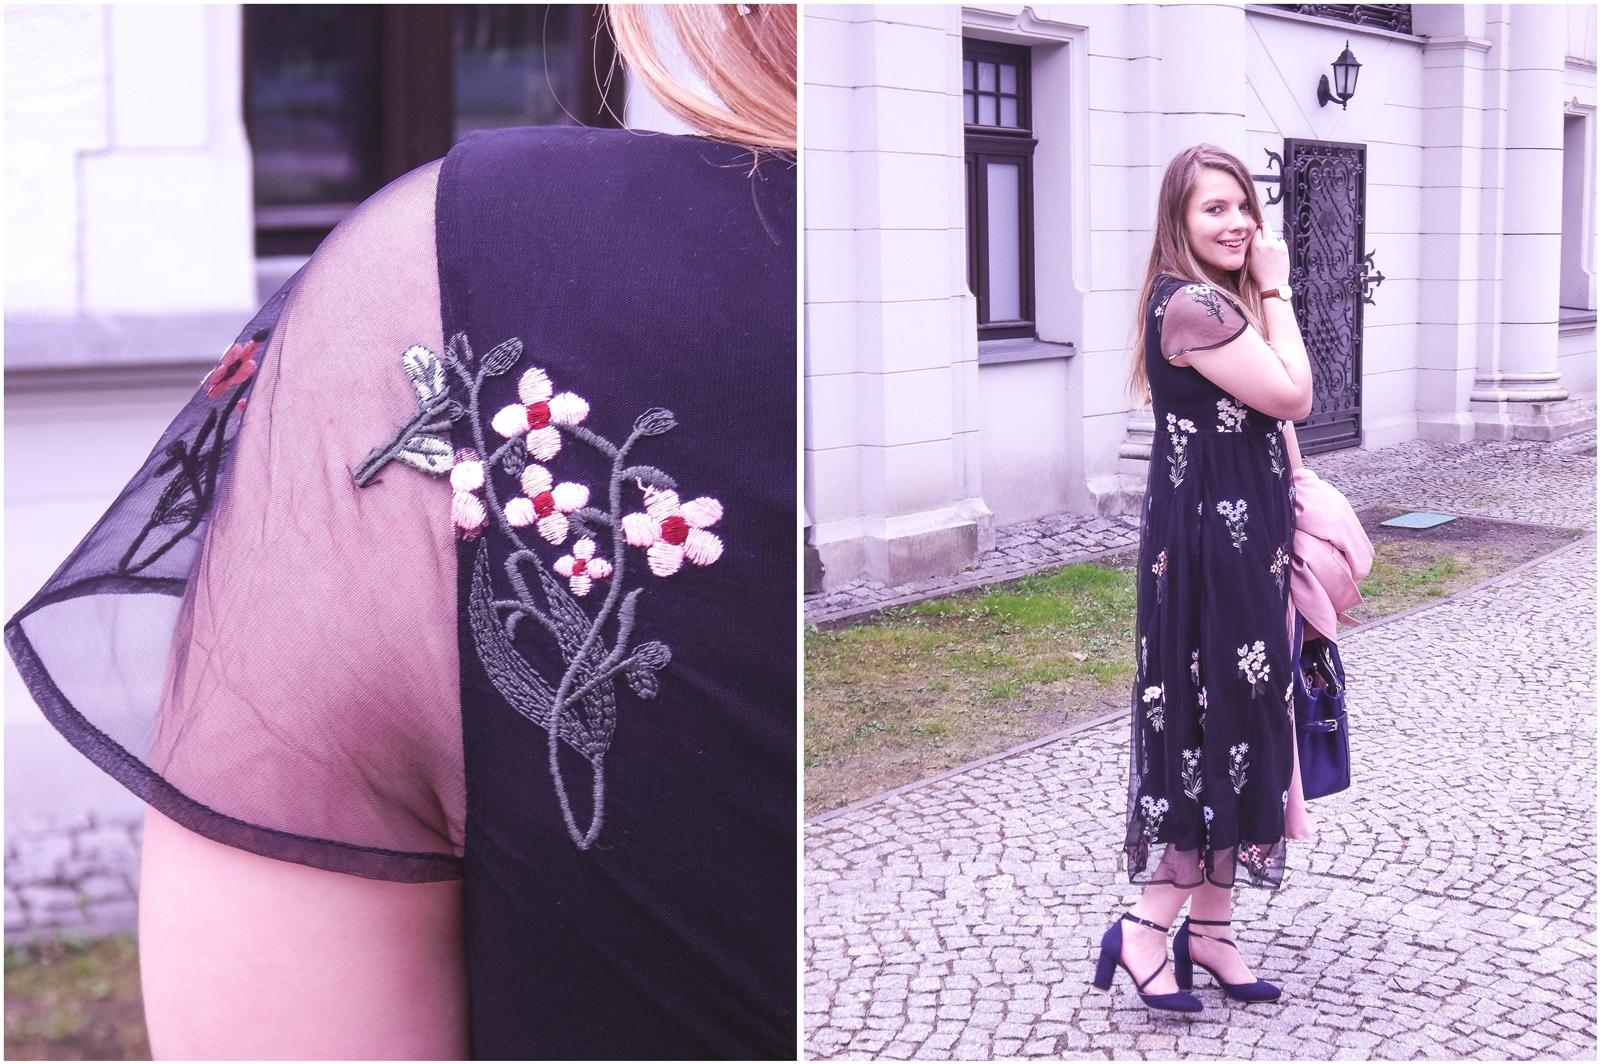 8a orsay trendy wiosna 2018 nowa kolekcja moda fashion blog blogerki modowe łódź z łodzi łódzkie melodylaniella fashion instagram sukienka na wesele różowy płaszcz granatowe pantofle duża torba